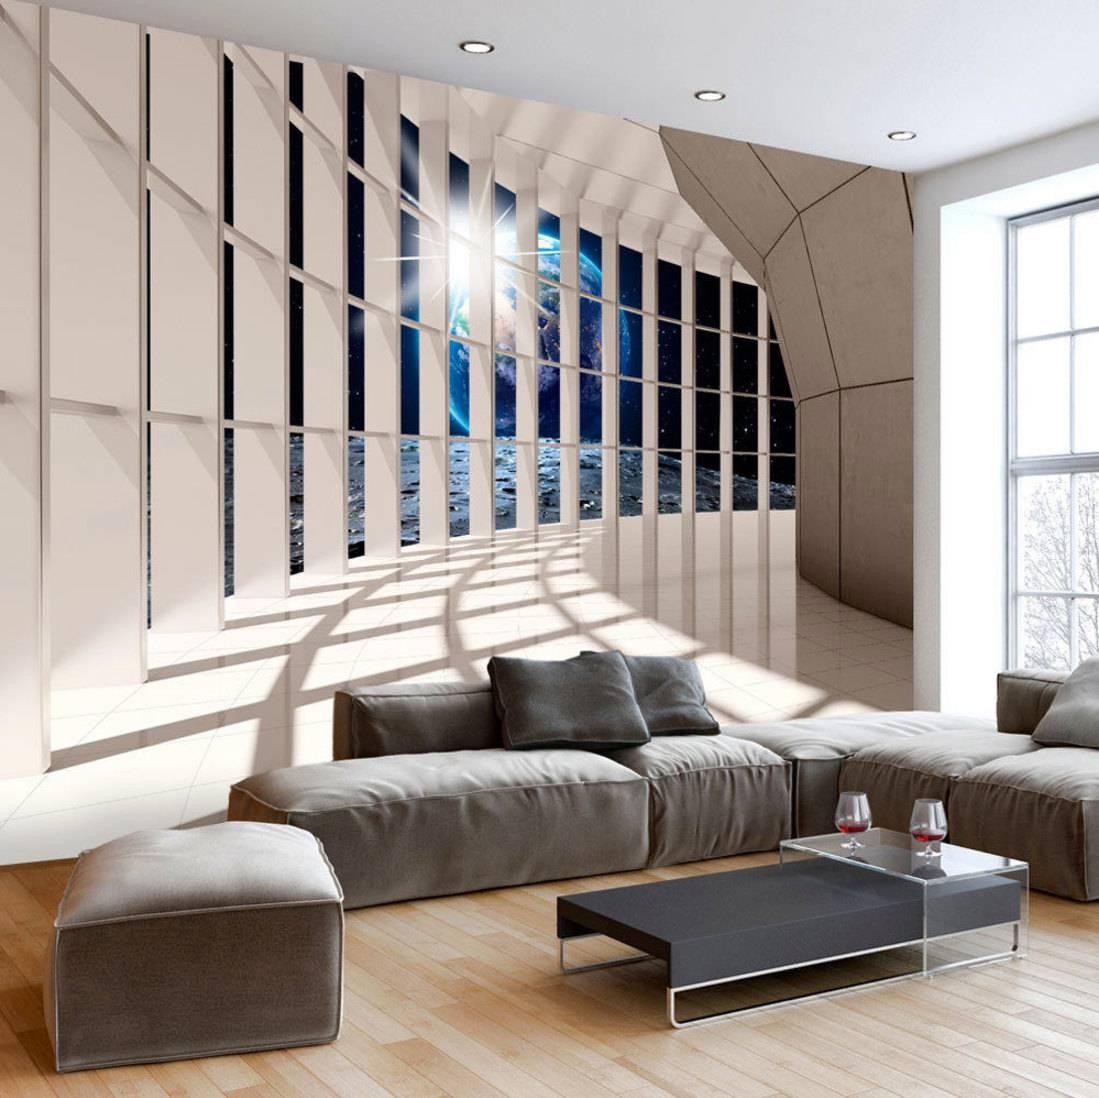 Photo Wallpaper Wall Murals Non Woven 3d Modern Art Optical For Recent Illusion Wall Art (View 18 of 20)